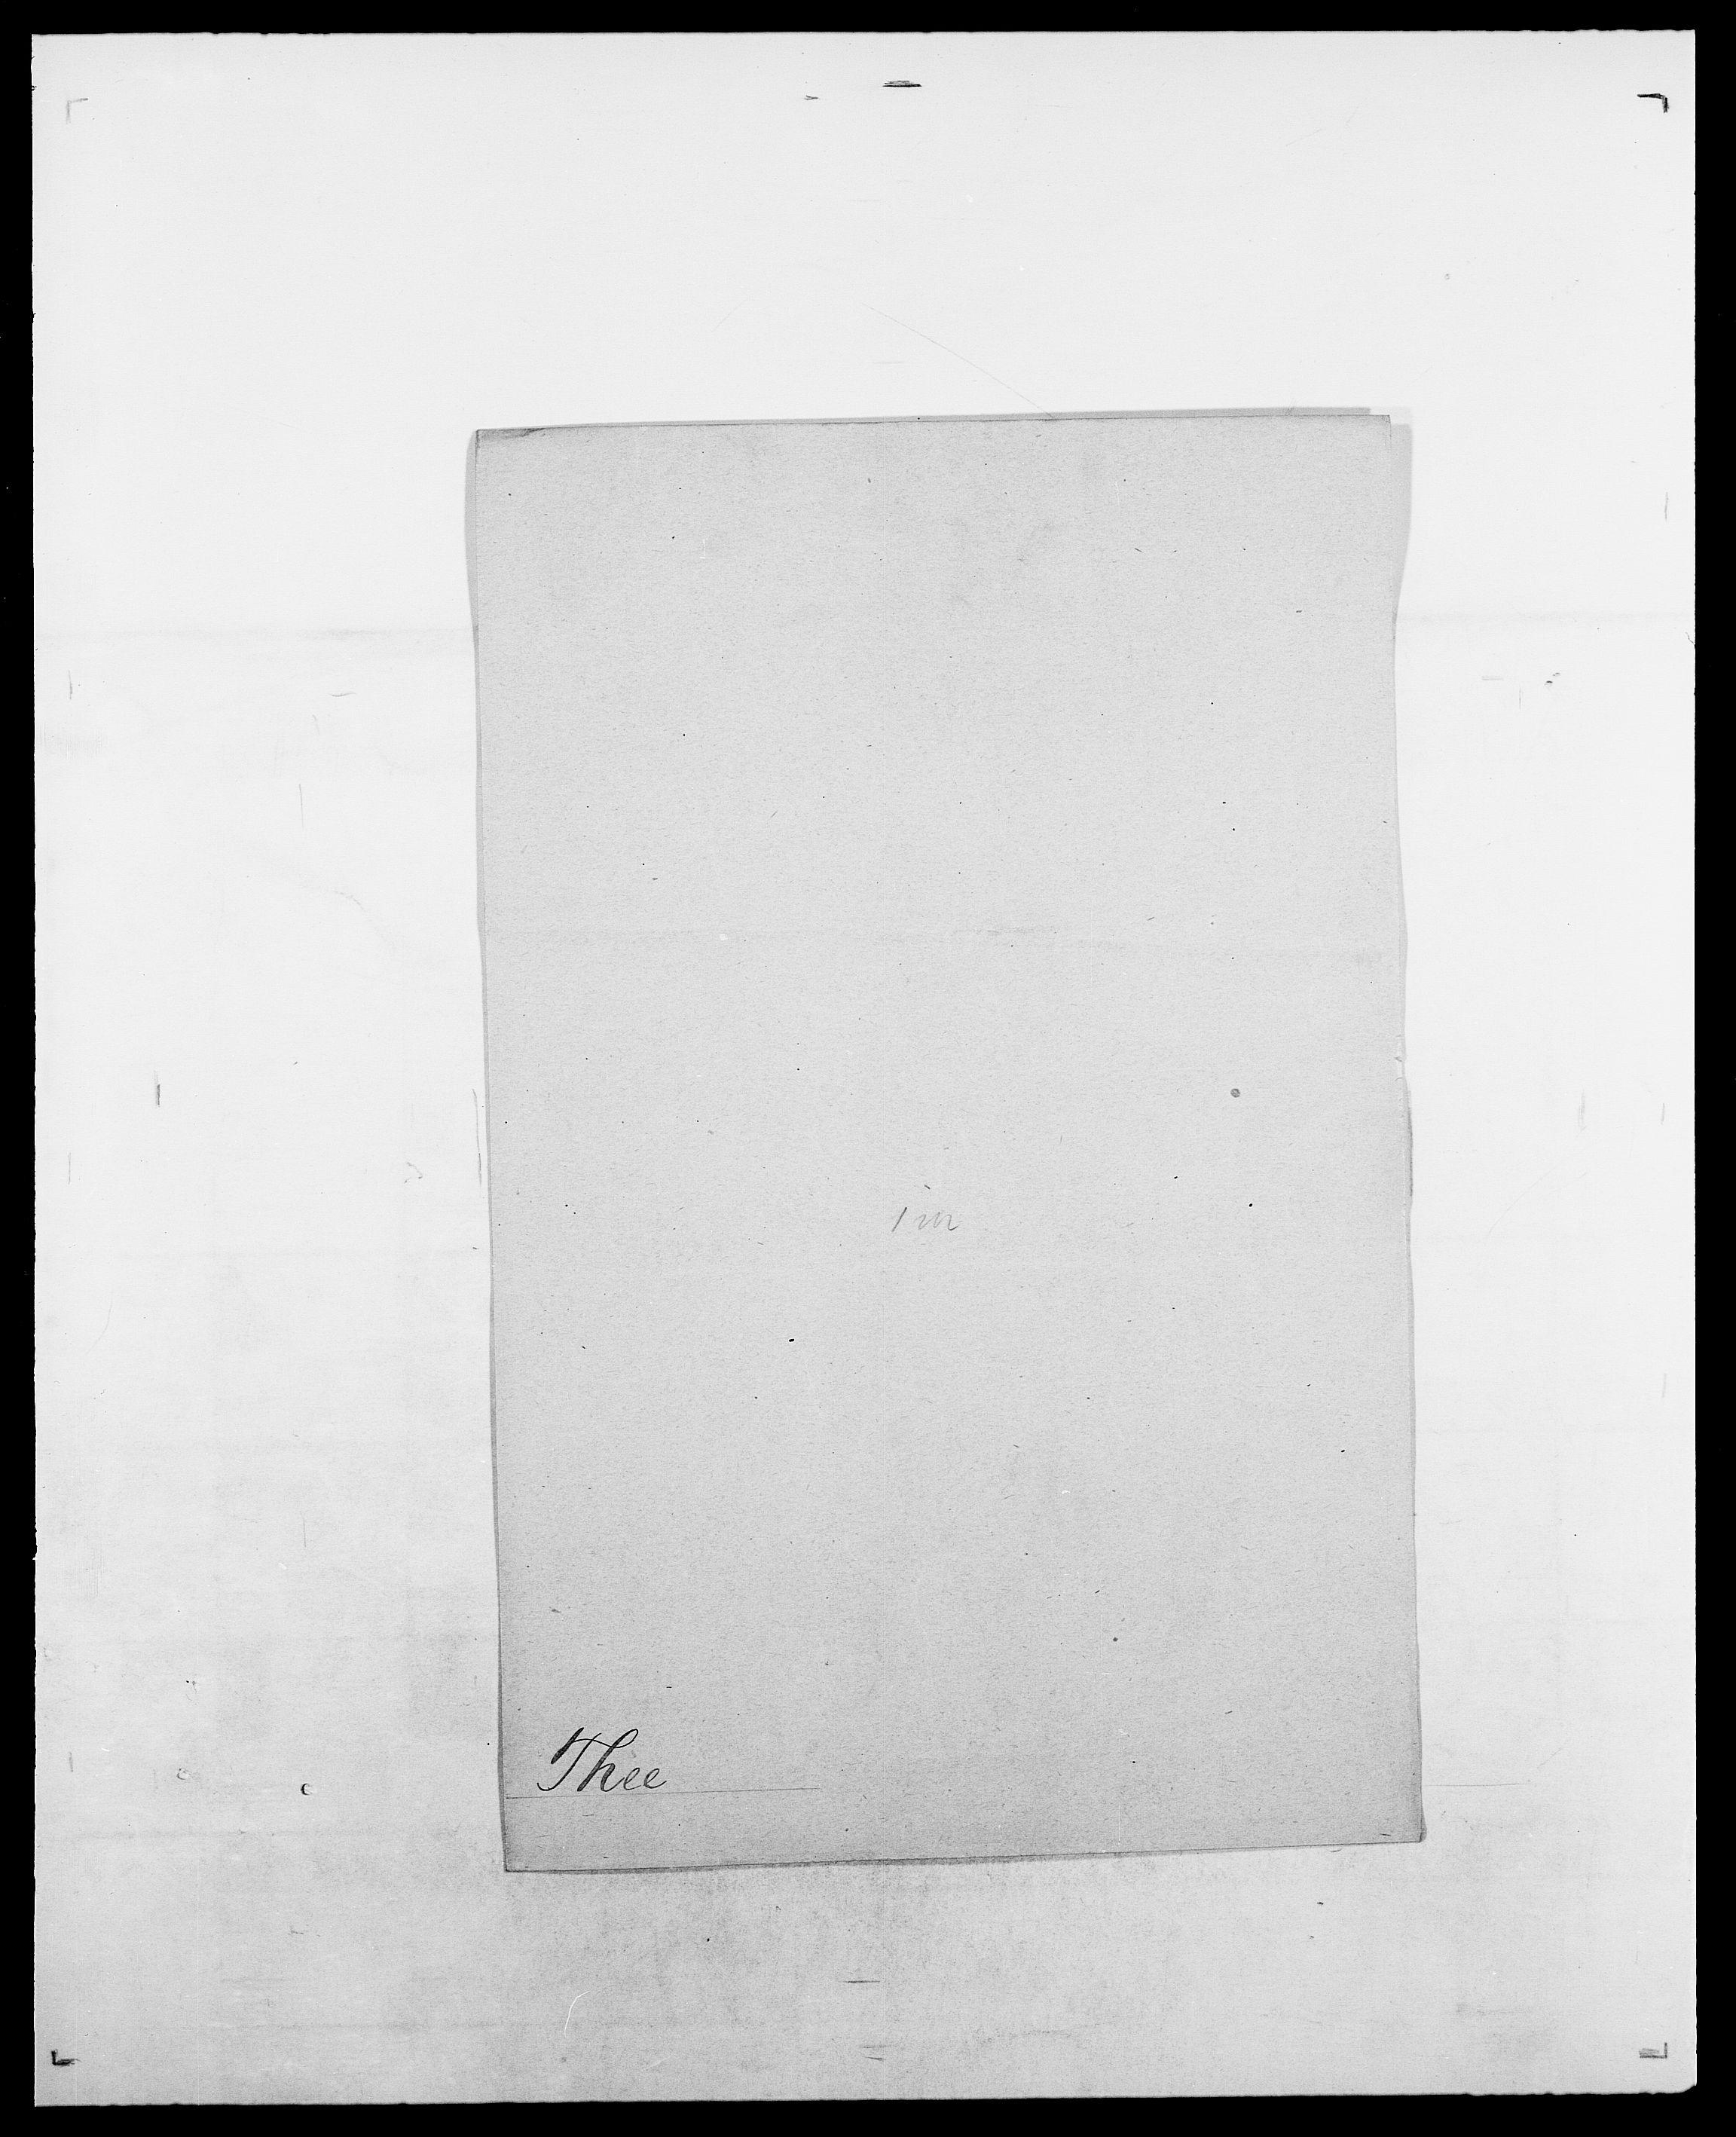 SAO, Delgobe, Charles Antoine - samling, D/Da/L0038: Svanenskjold - Thornsohn, s. 472